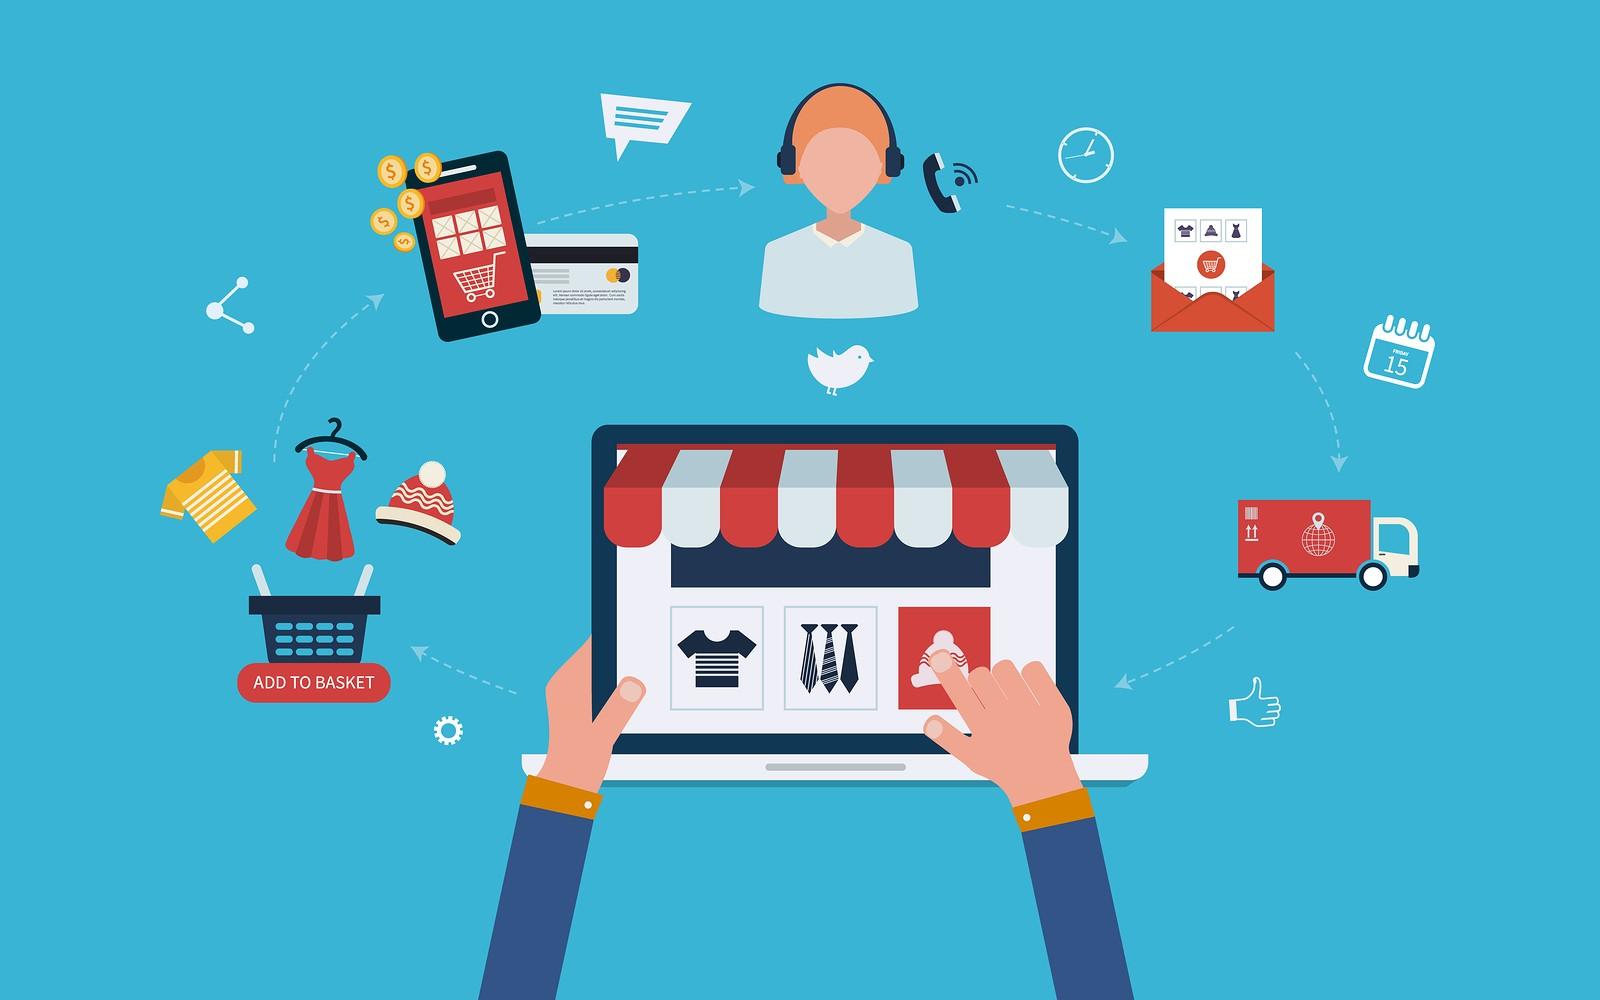 Cách để bắt đầu kinh doanh online? Hiệu quả